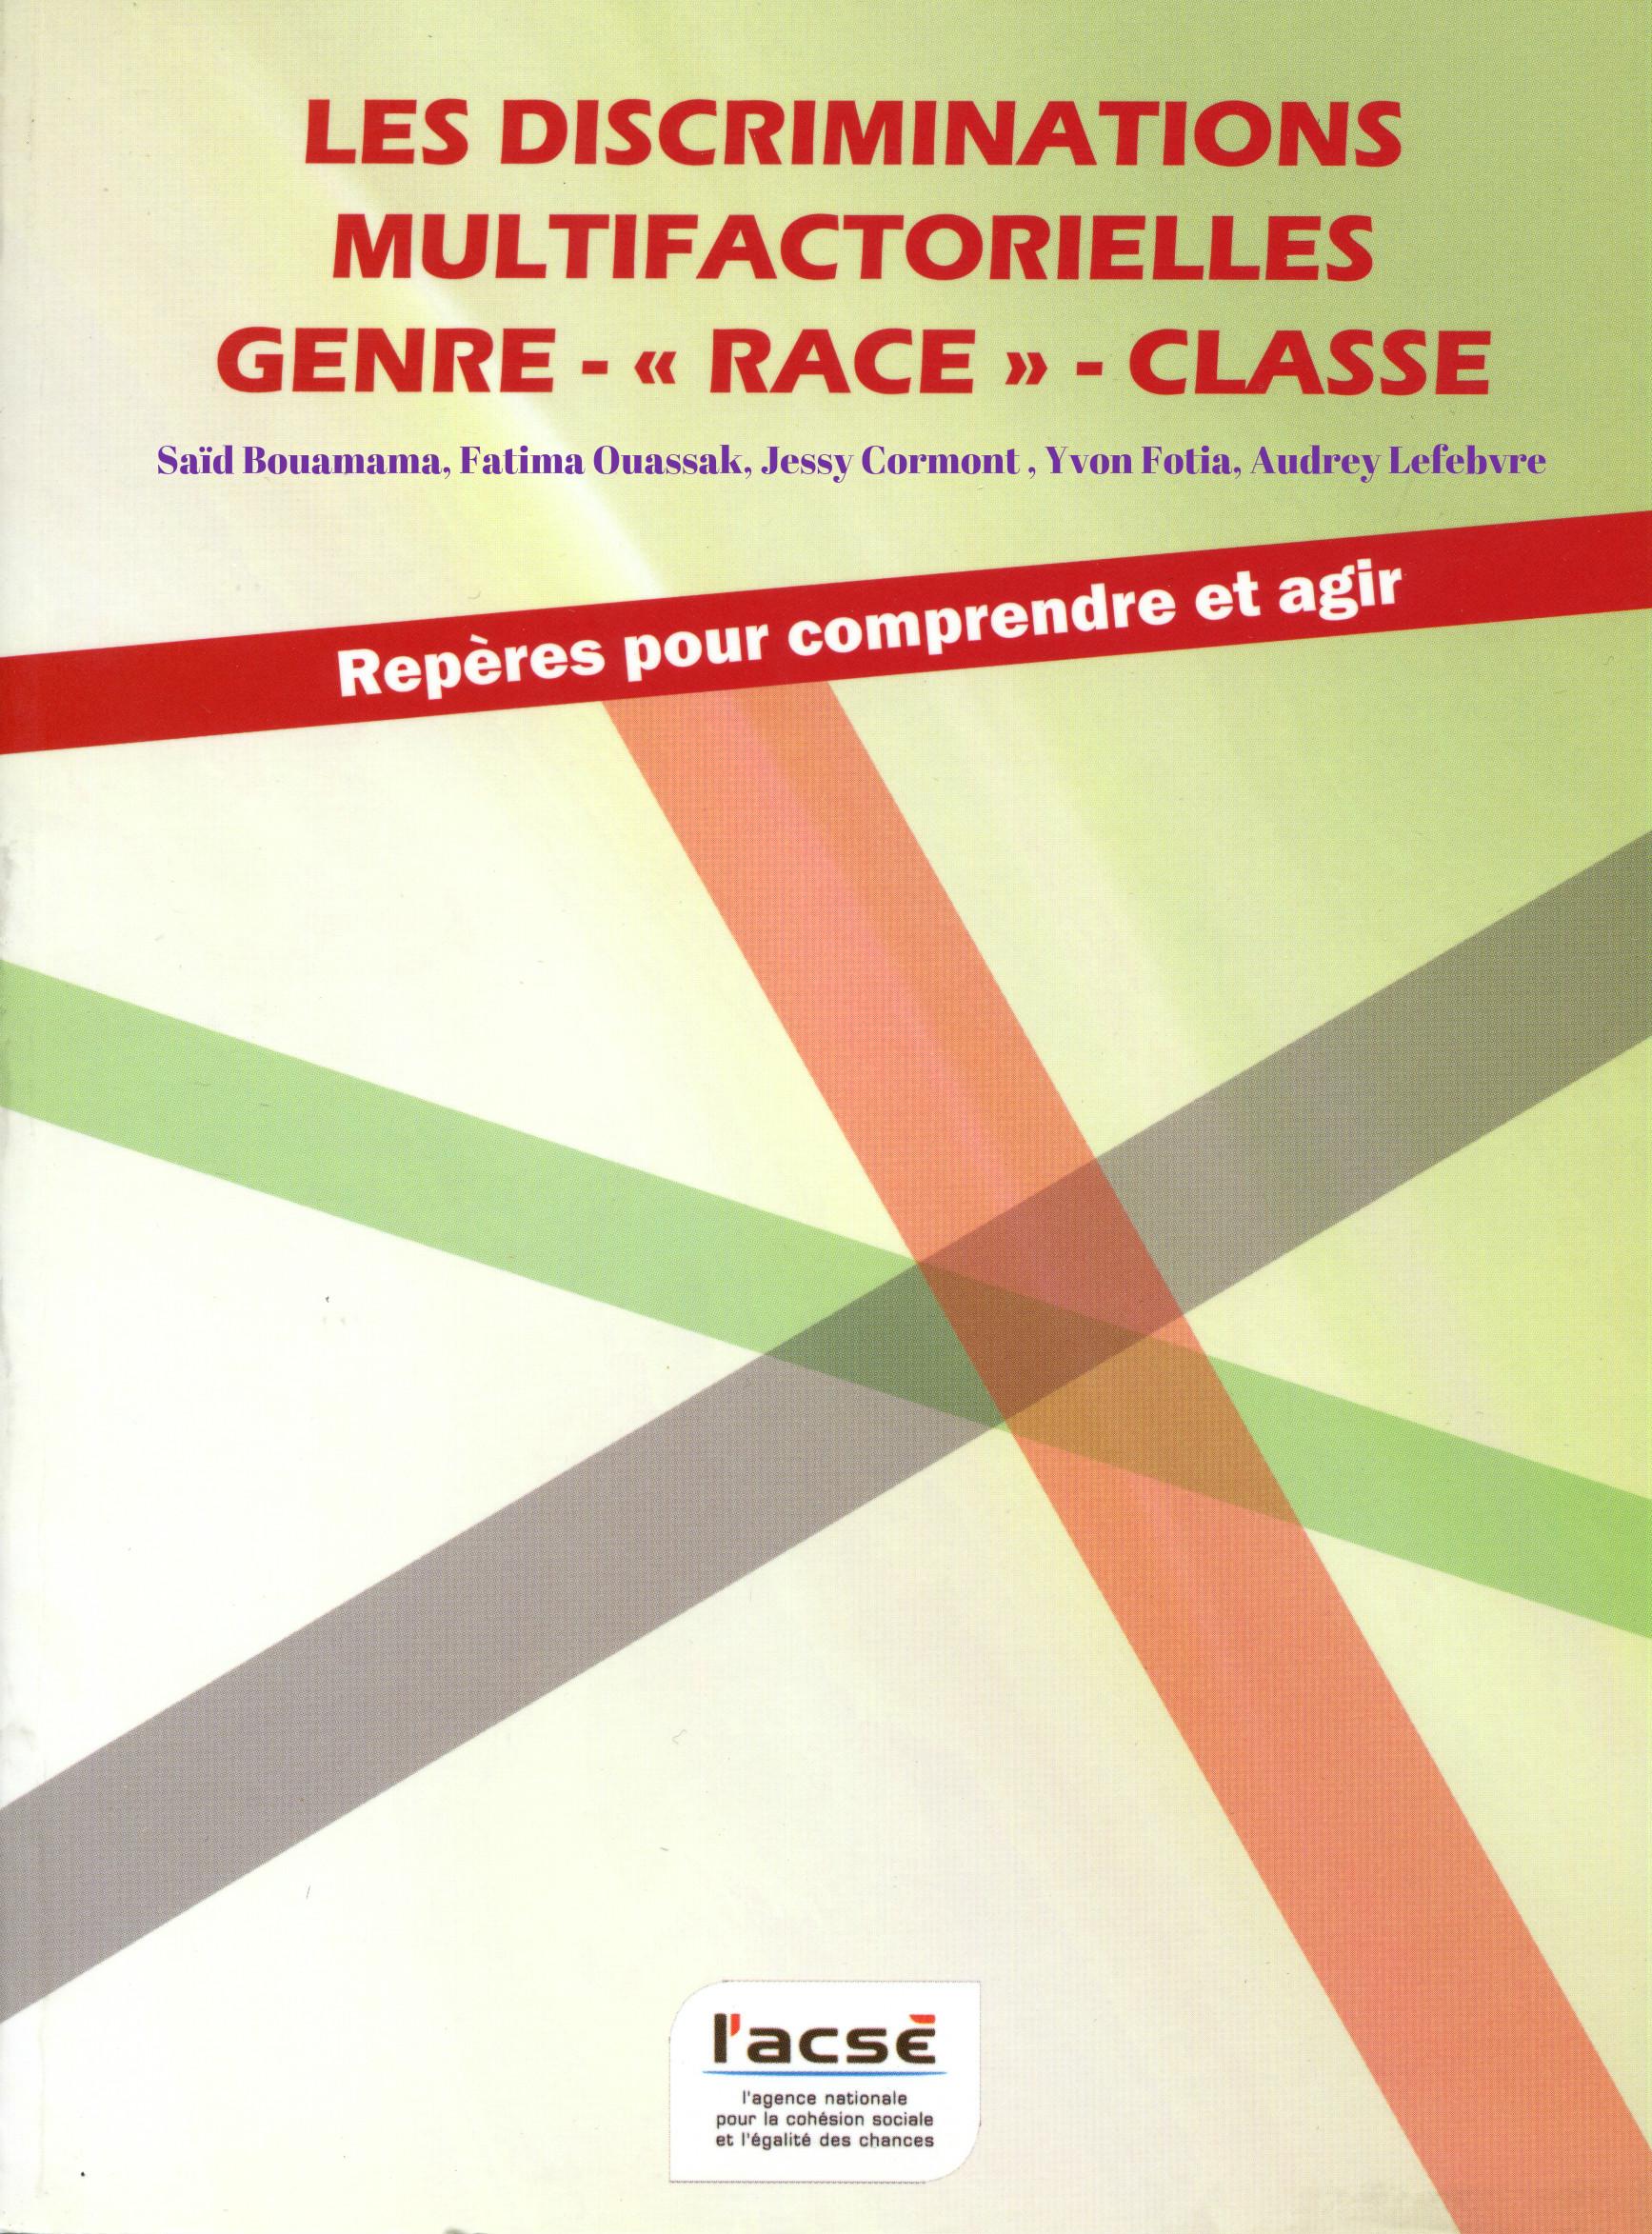 Saïd Bouamama, Fatima Ouassak, Jessy Cormont , Yvon Fotia, Audrey Lefebvre, Les discriminations multifactorielles genre race classe